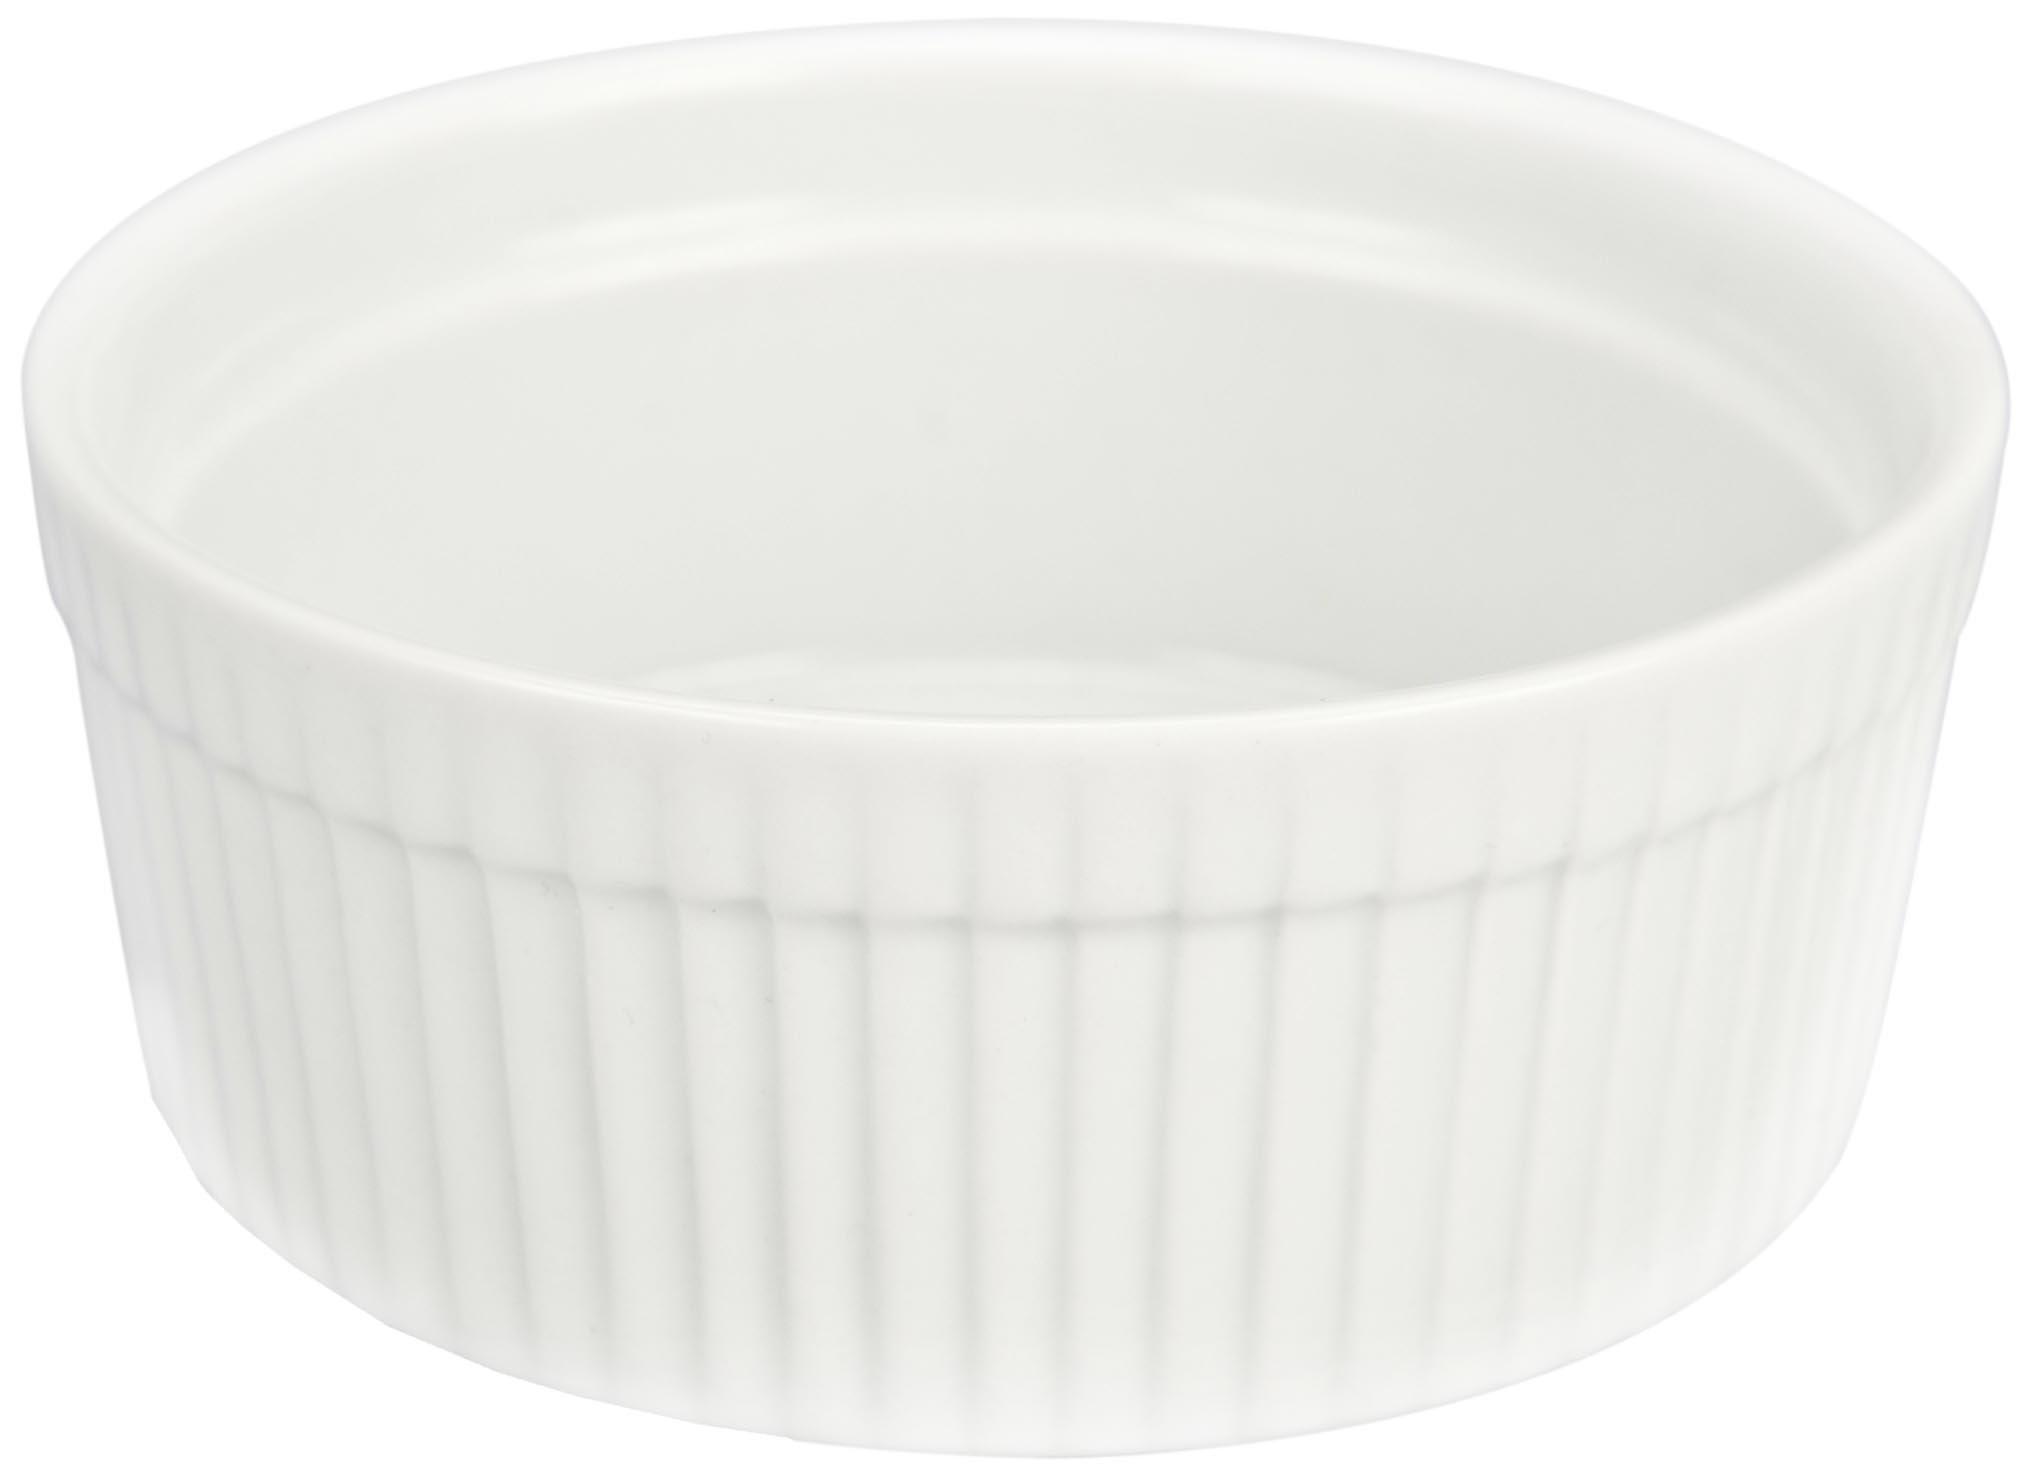 Bia Cordon Bleu White Porcelain 10-Ounce Individual Souffle, Set of 4 by BIA Cordon Bleu